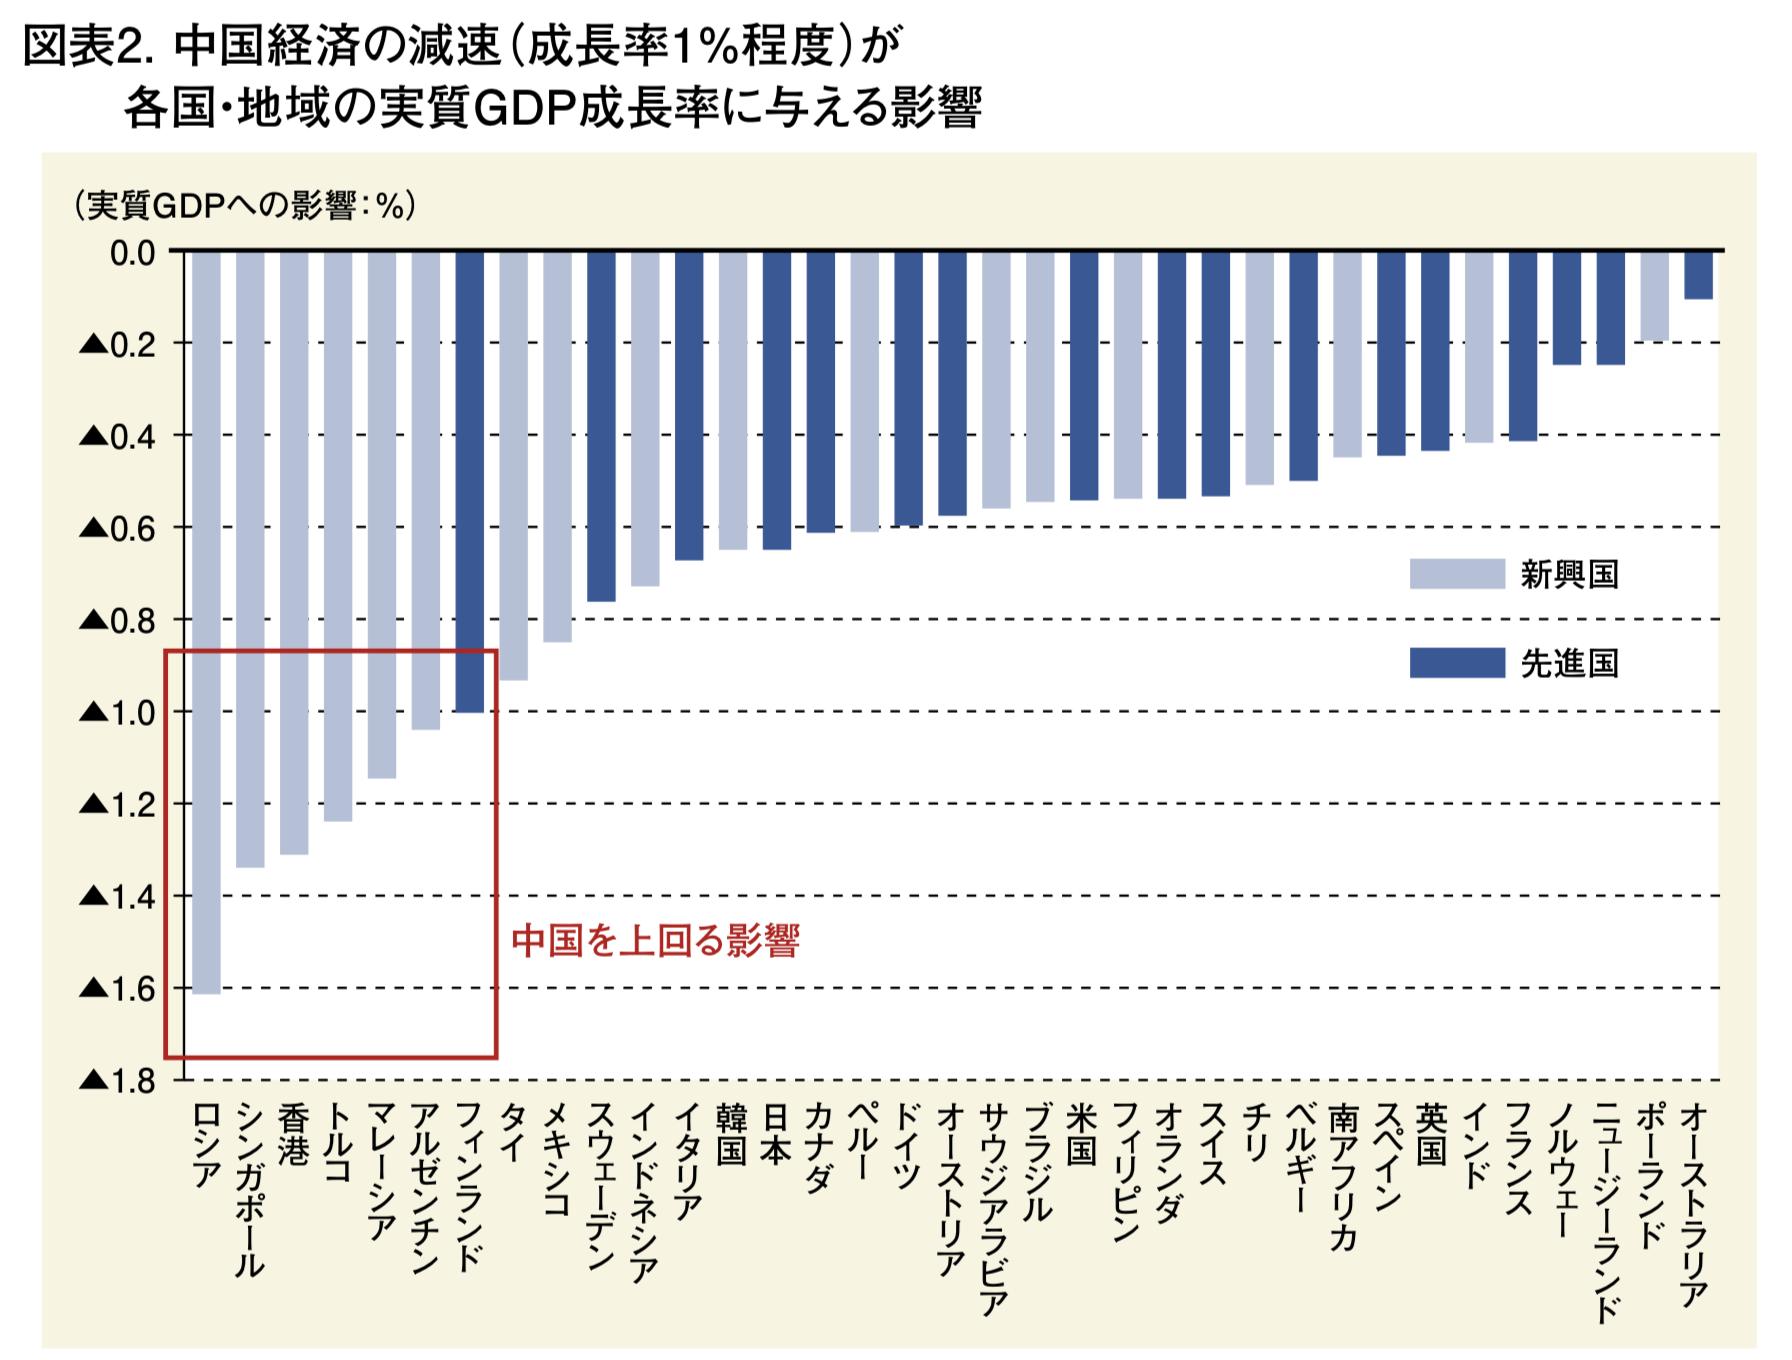 中国経済の減速が各国に与える影響の度合いの大きさ